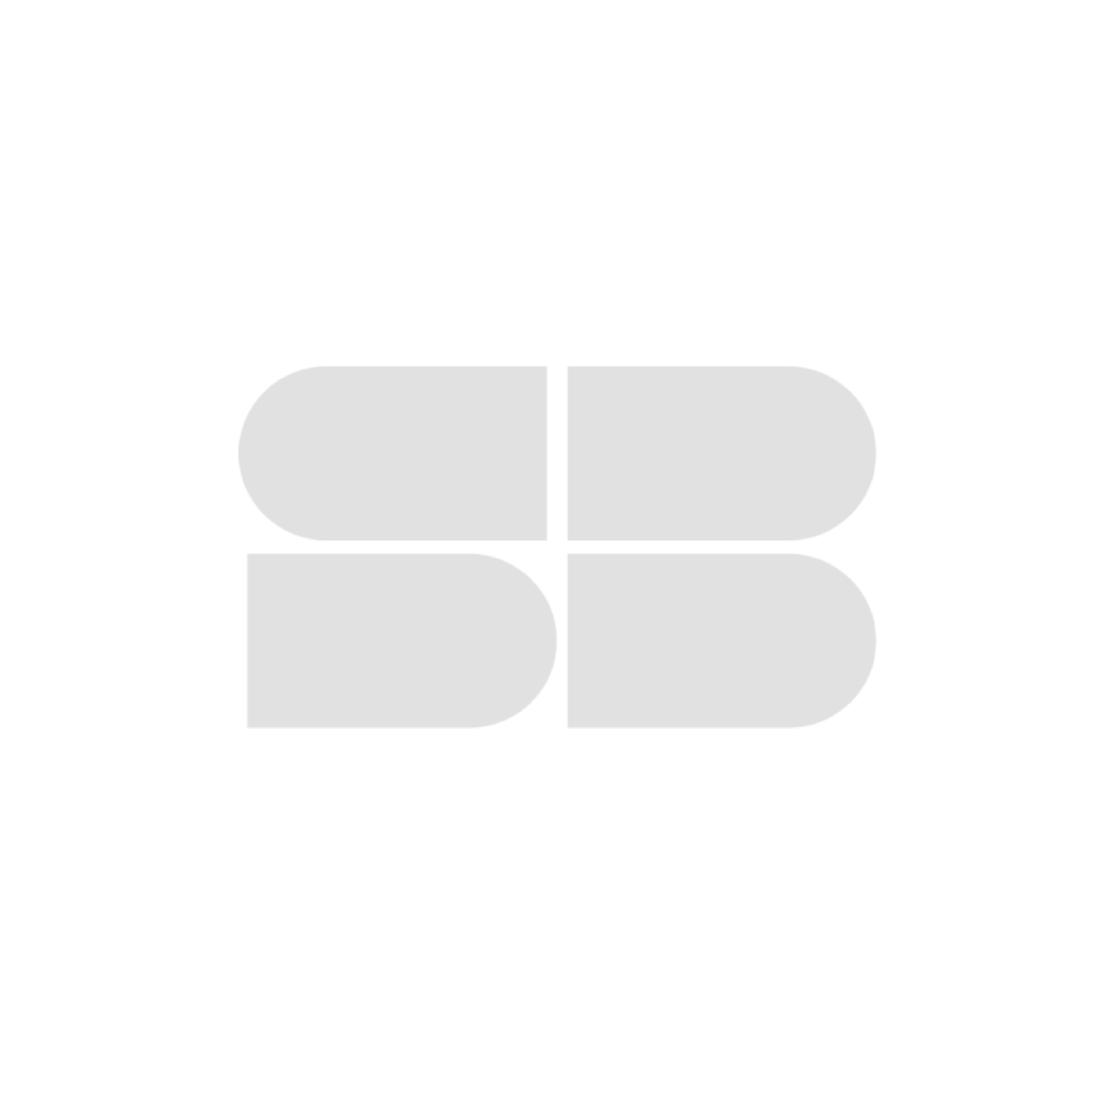 เก้าอี้นวดไฟฟ้า OTO รุ่น RK-11 สีเทา-00